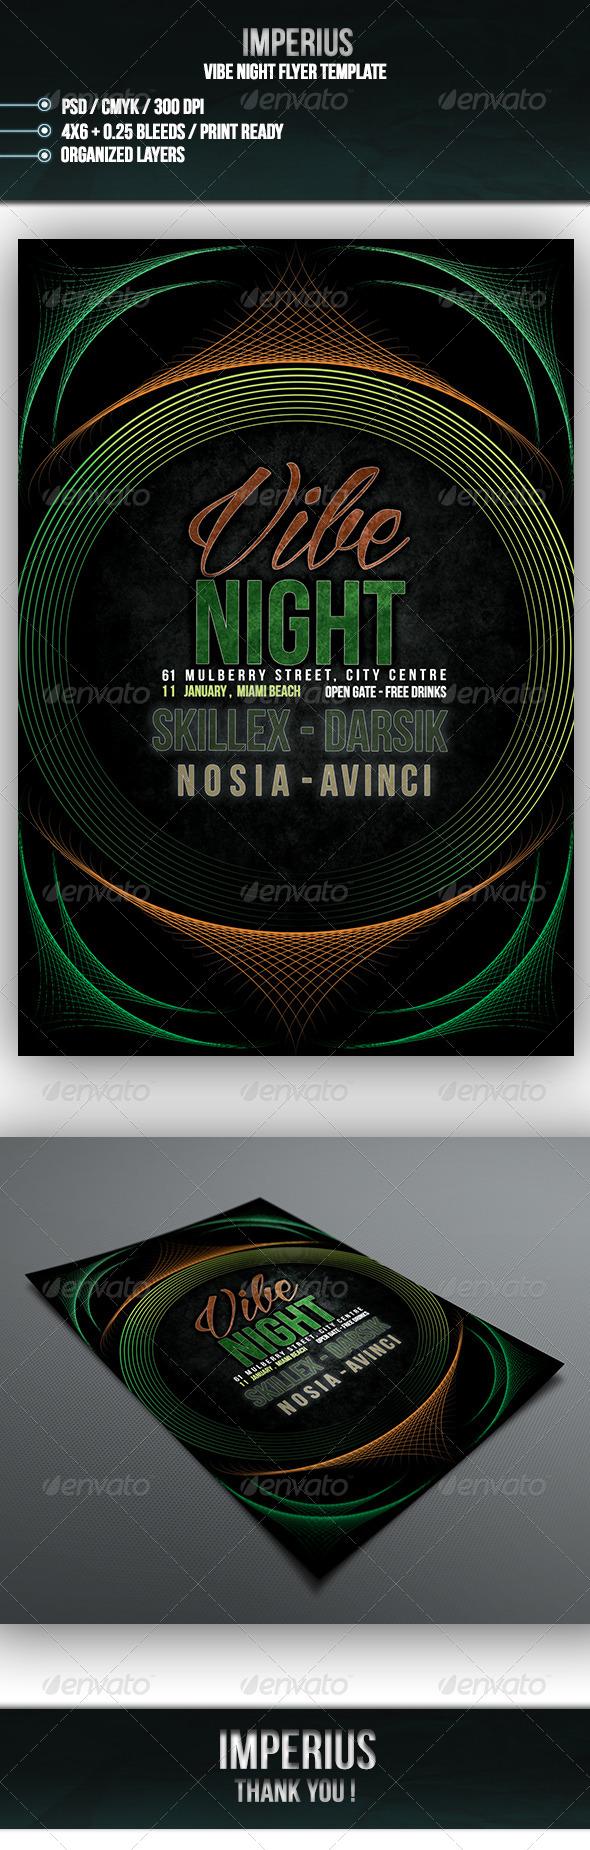 Vibe Night Flyer - Flyers Print Templates